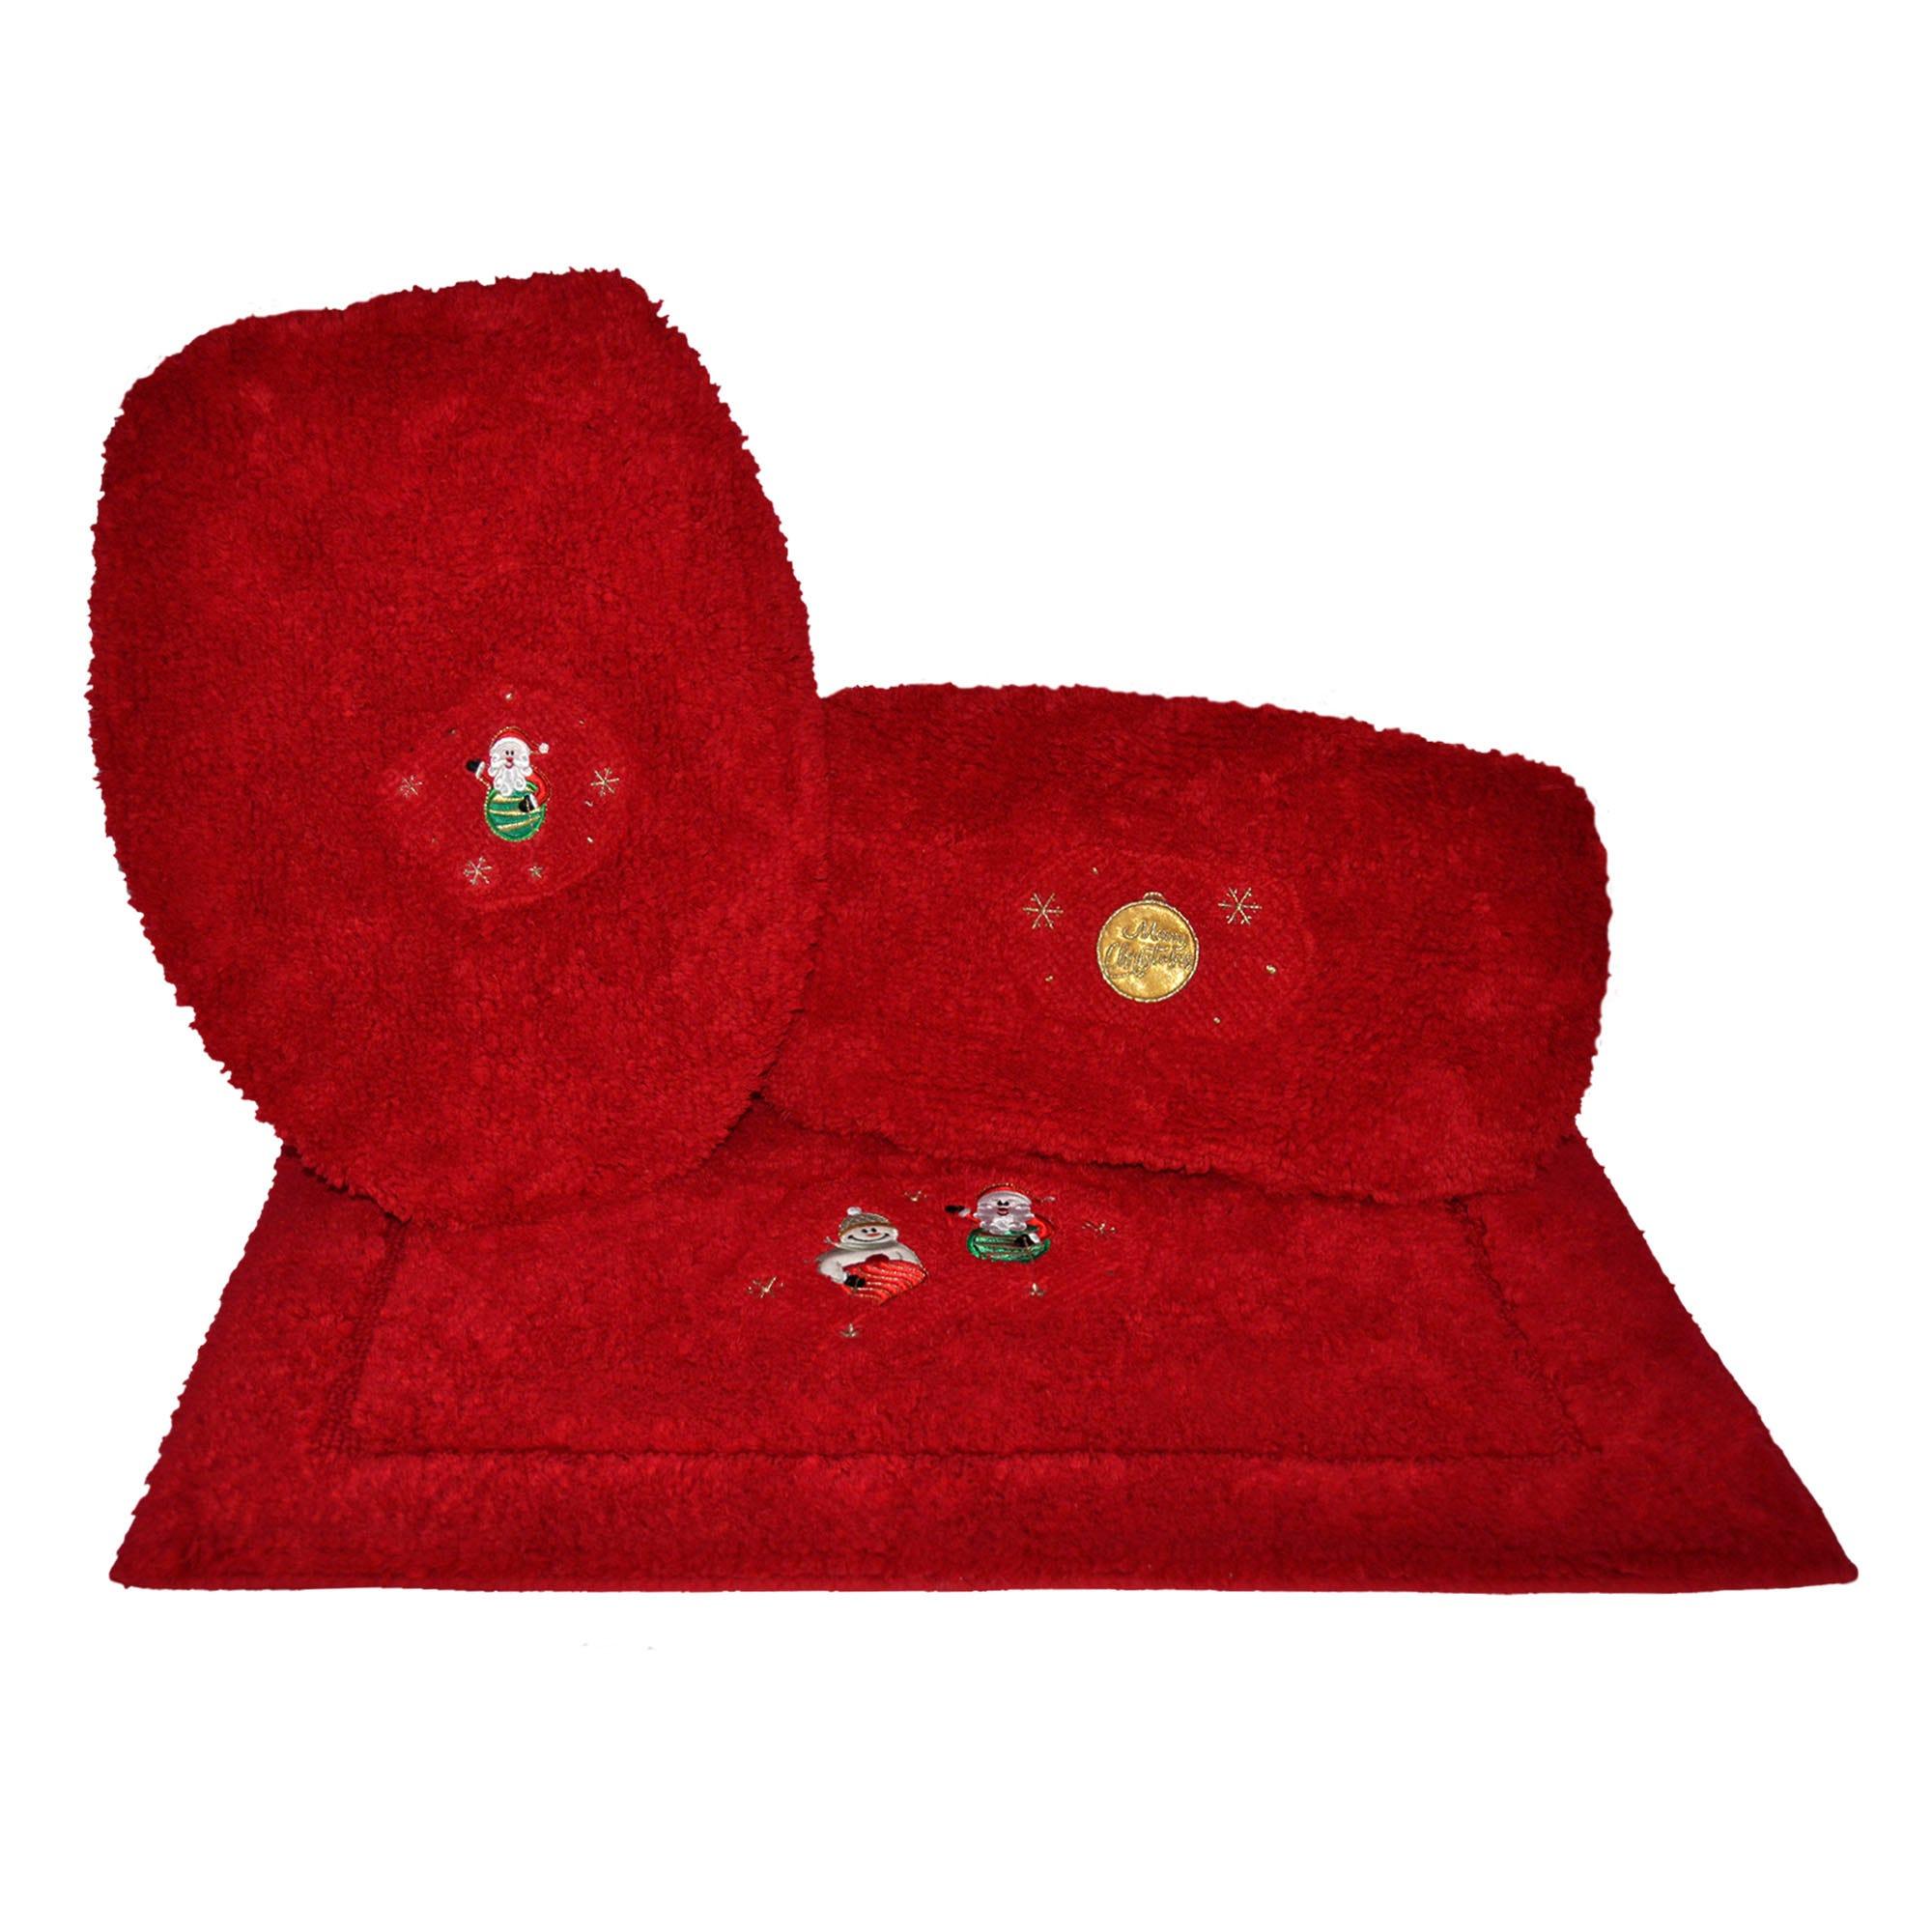 Juego de tapetes para baño Santa's Friend Snow en rojo, 3 piezas